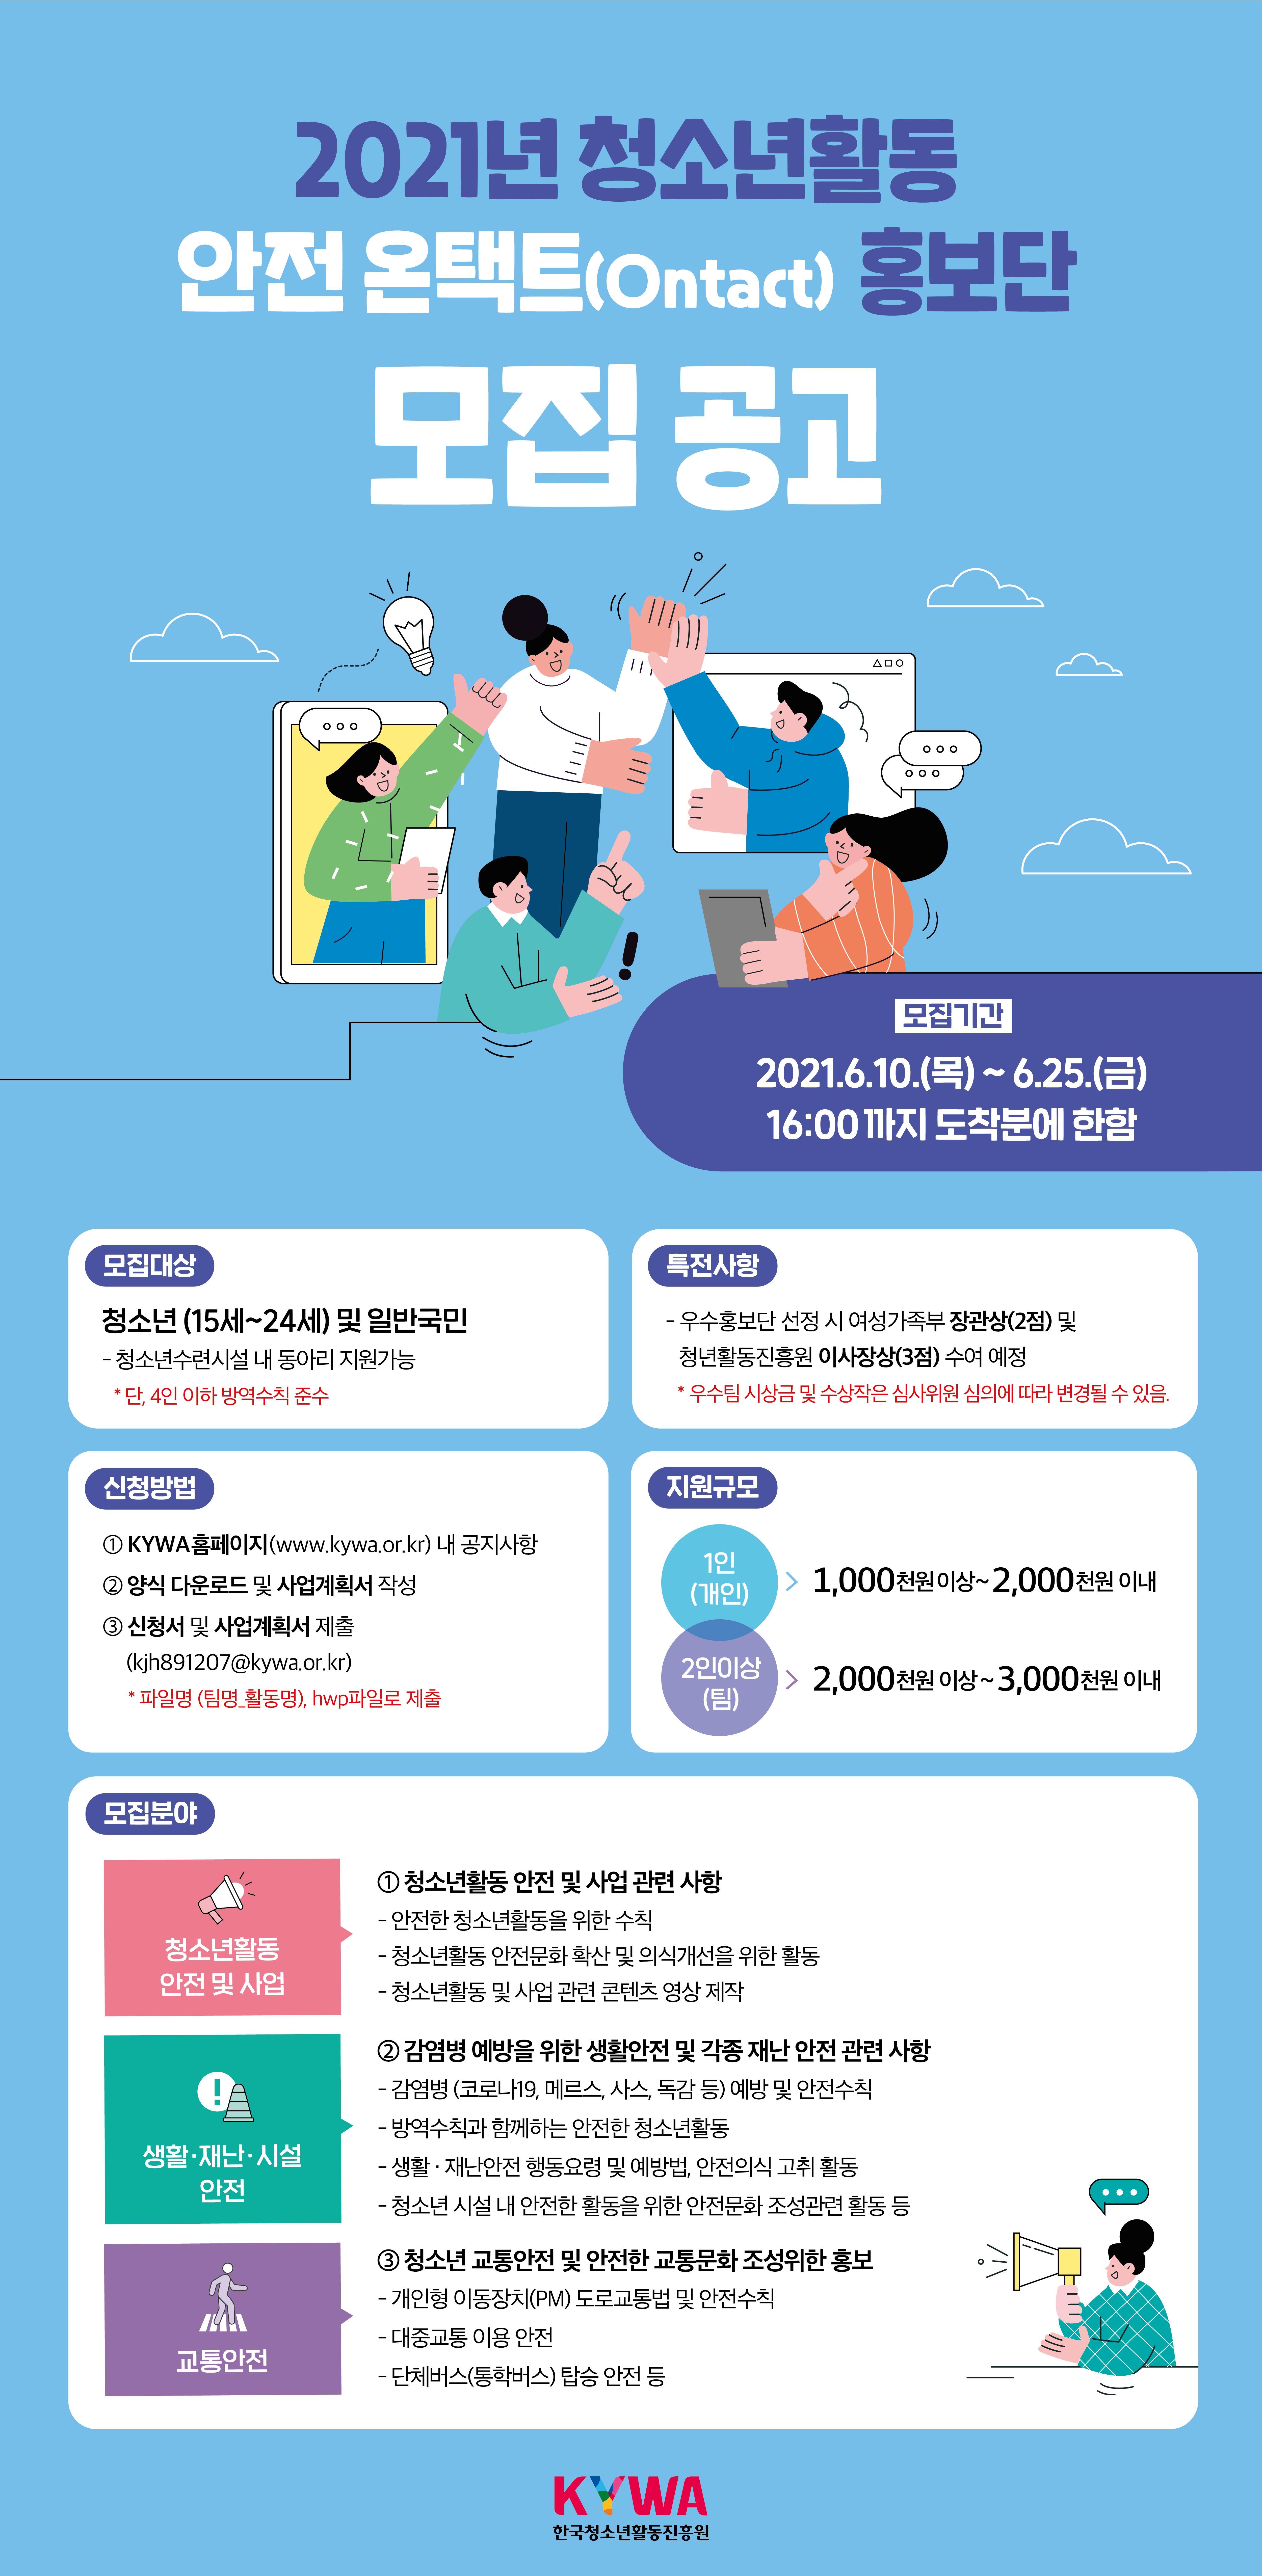 한국청소년활동진흥원  2021년 청소년활동 안전 온택트(Ontact) 홍보단 모집